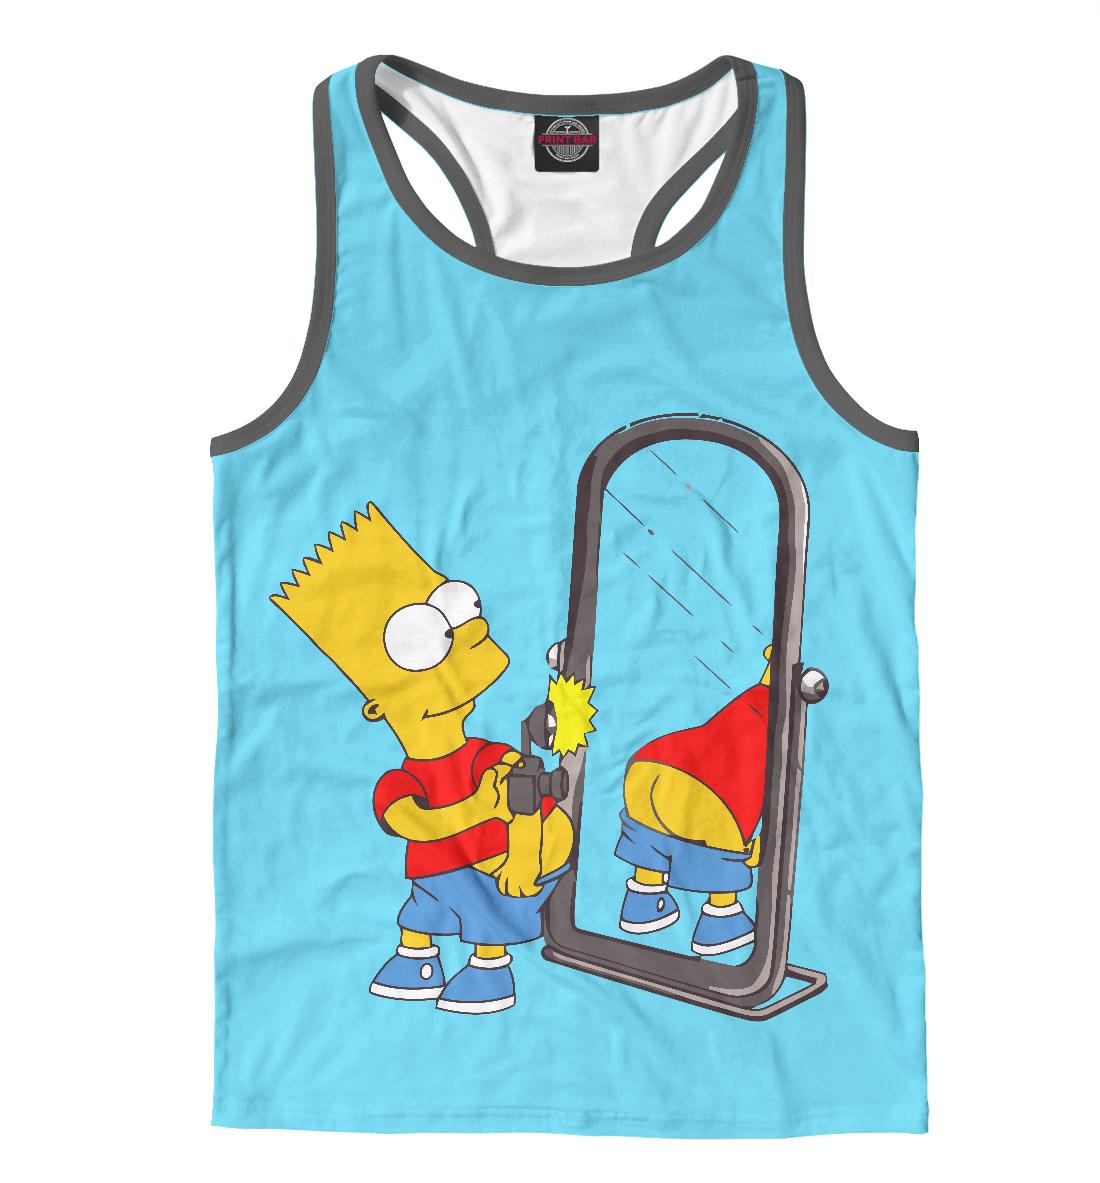 Купить Барт Симпсон, Printbar, Майки борцовки, SIM-564542-mayb-2